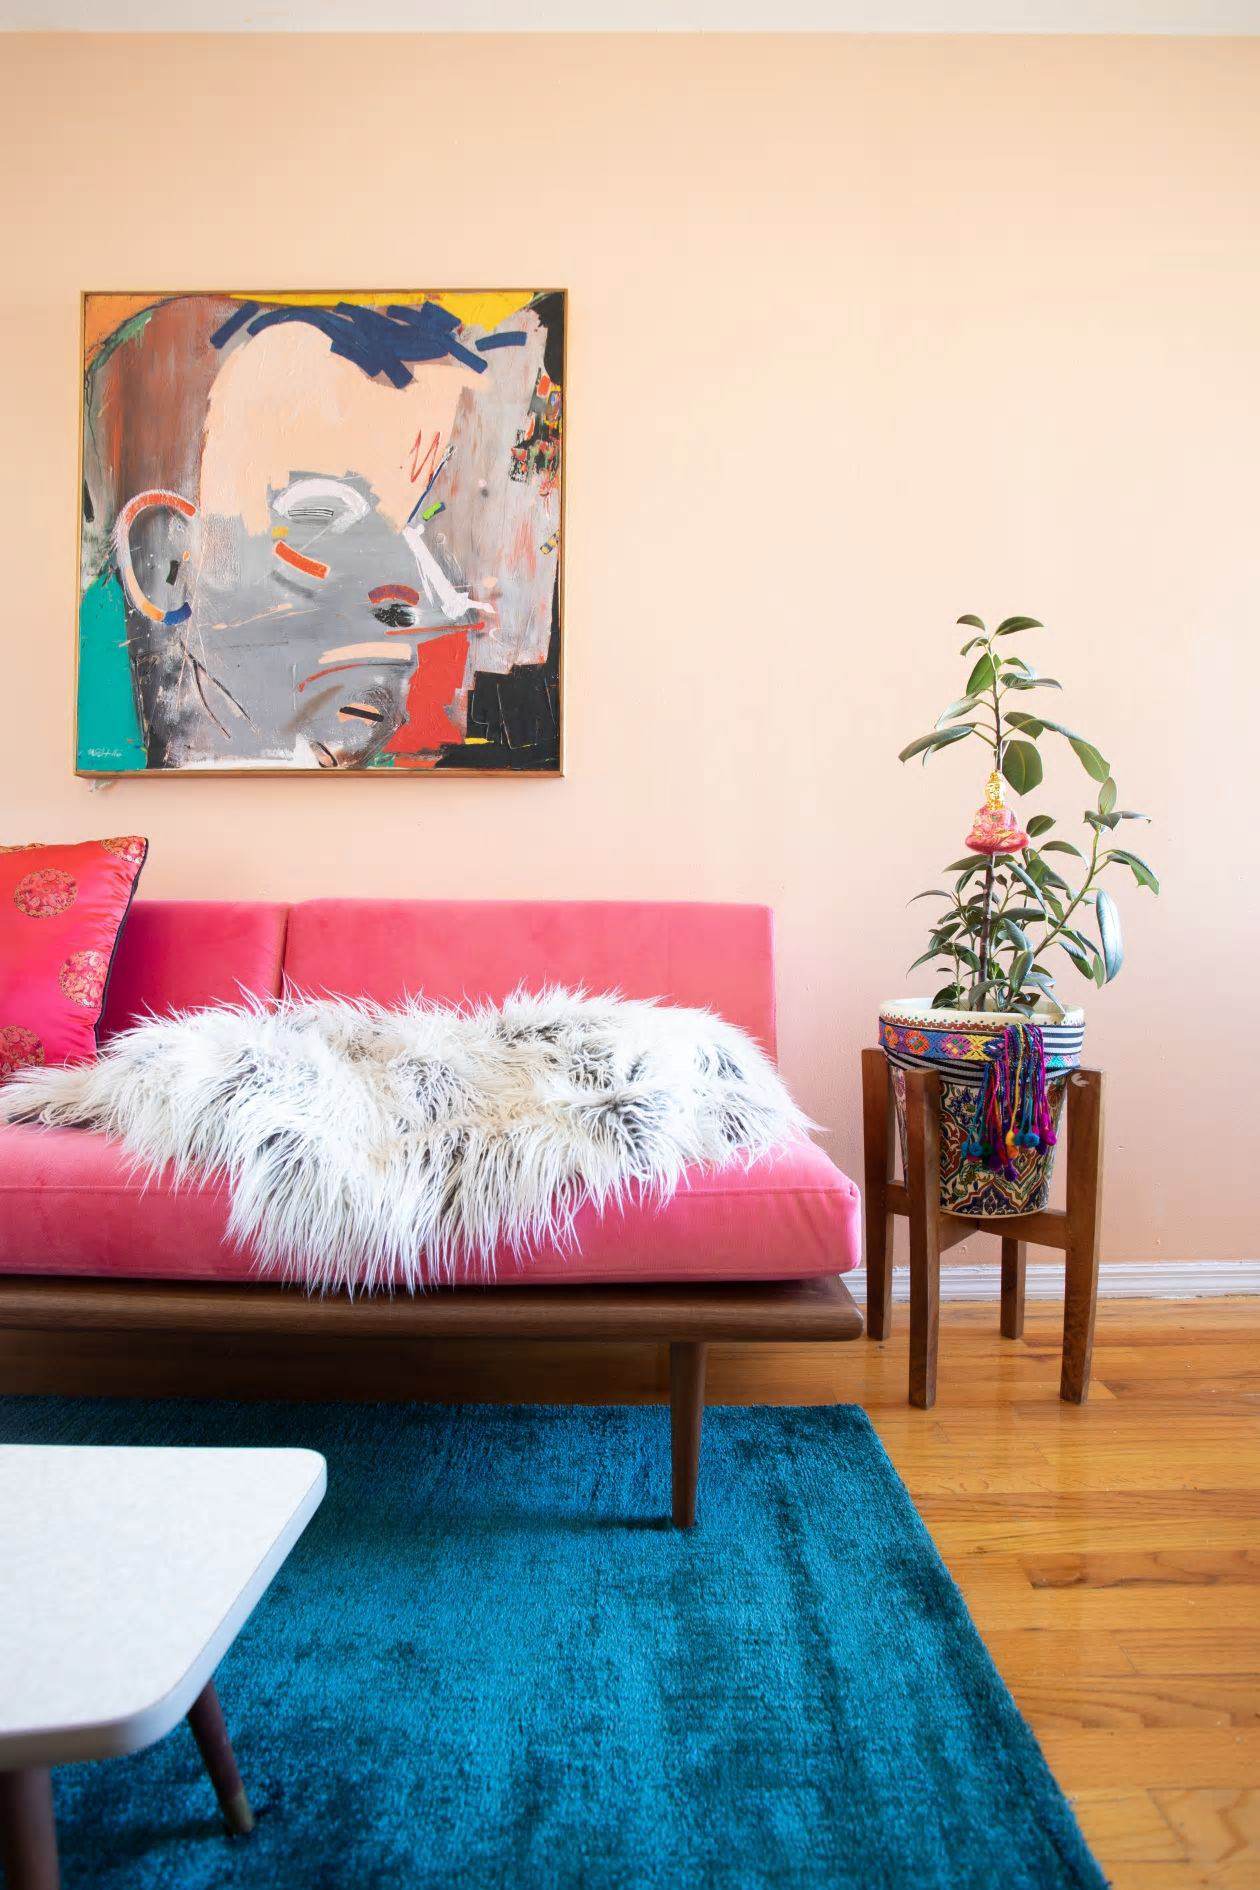 Căn hộ nhỏ 37m² sử dụng những màu sắc đáng kinh ngạc trong trang trí nội thất - Ảnh 10